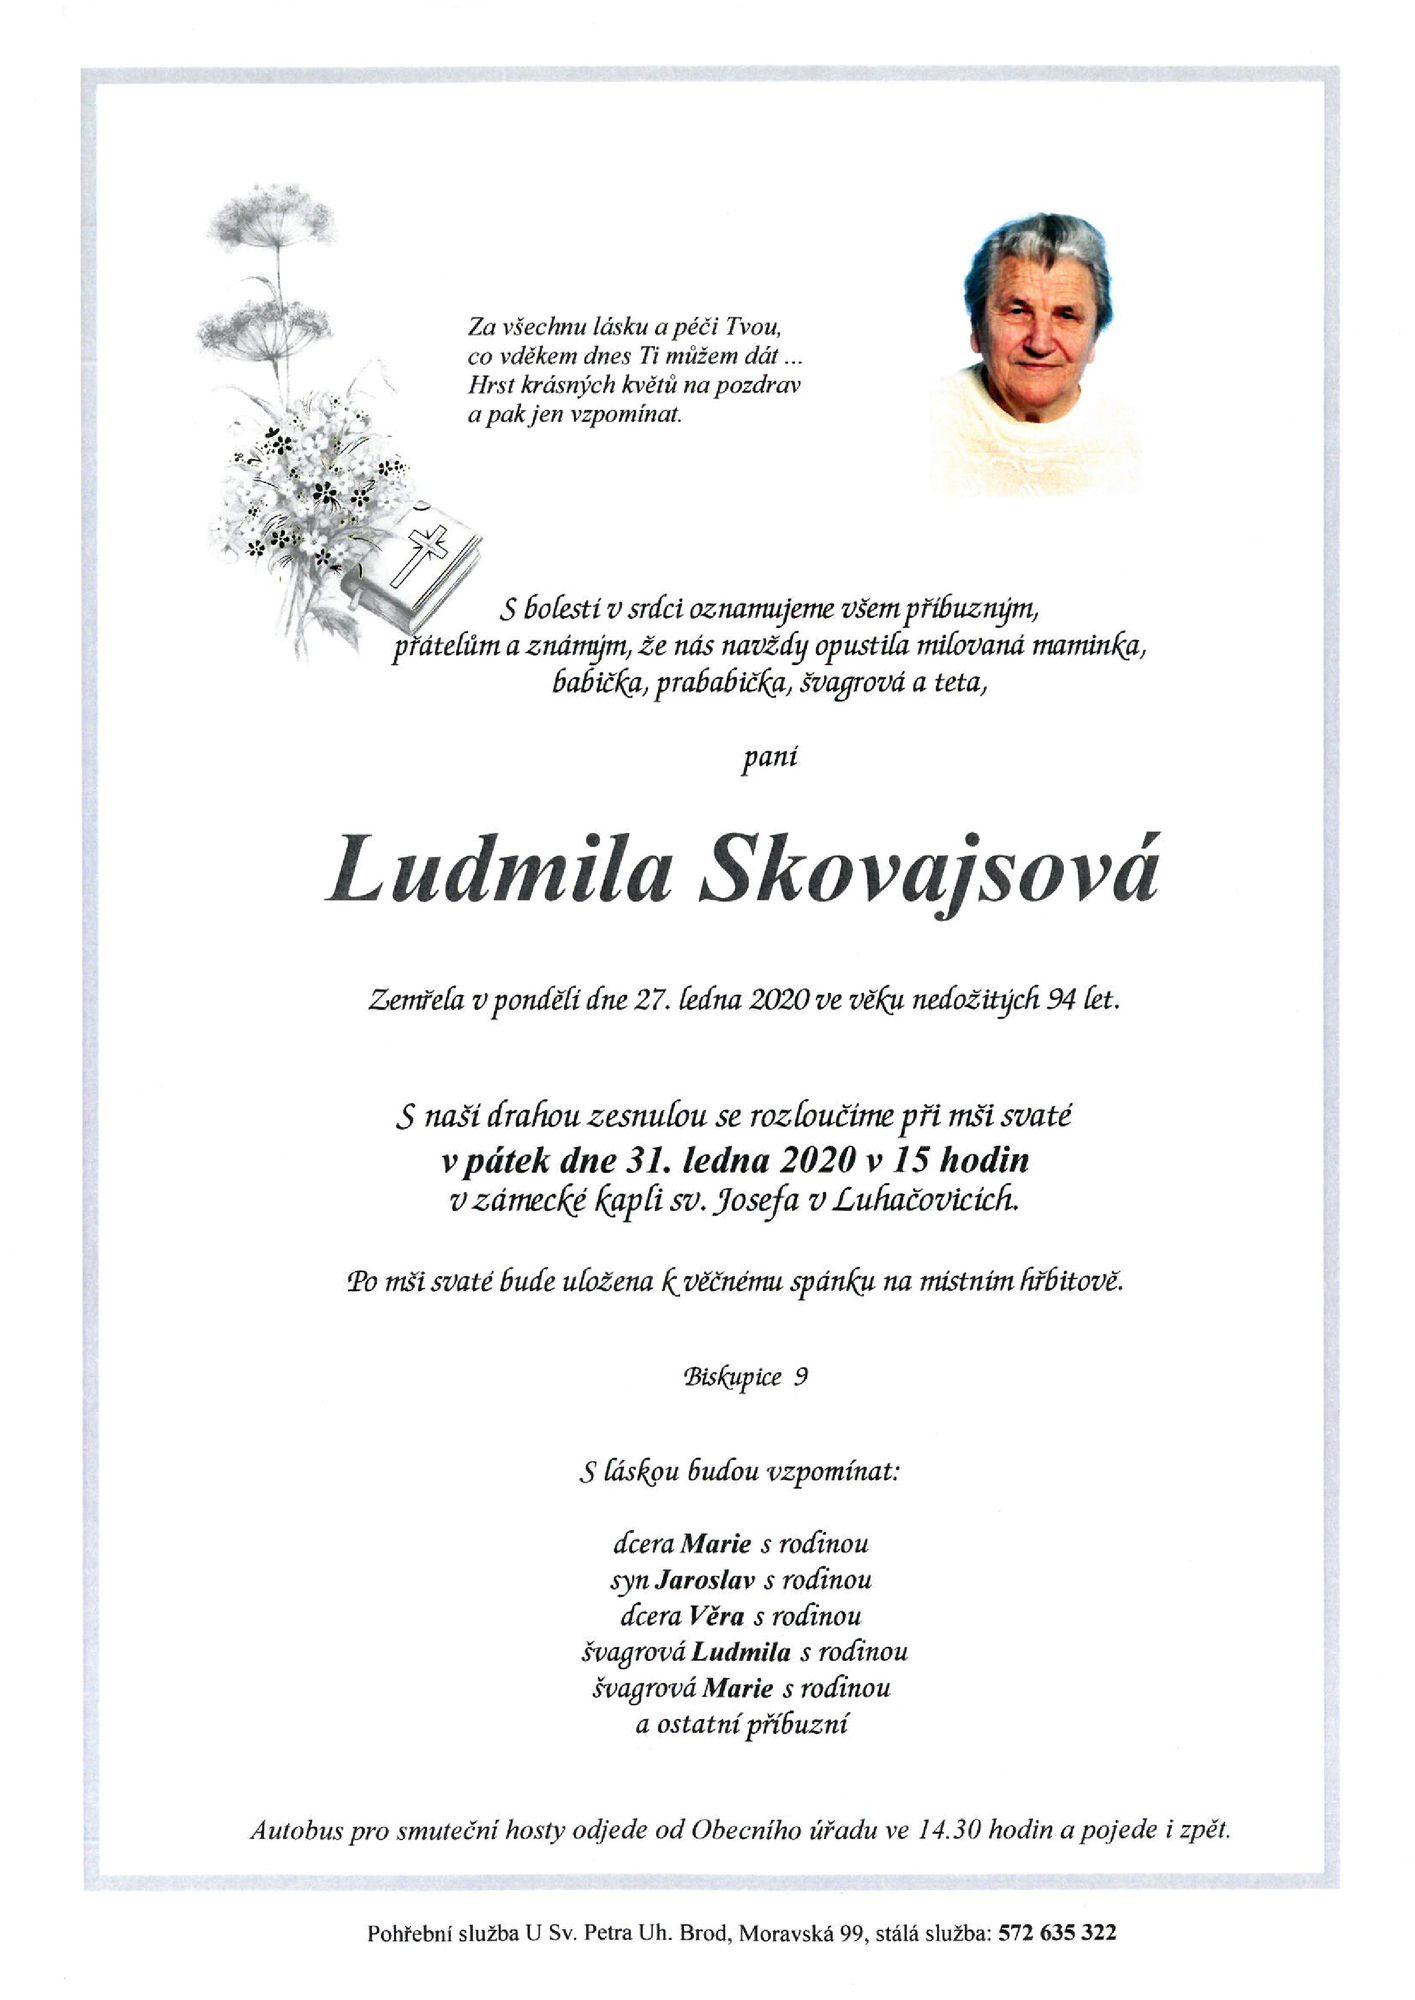 Ludmila Skovajsová